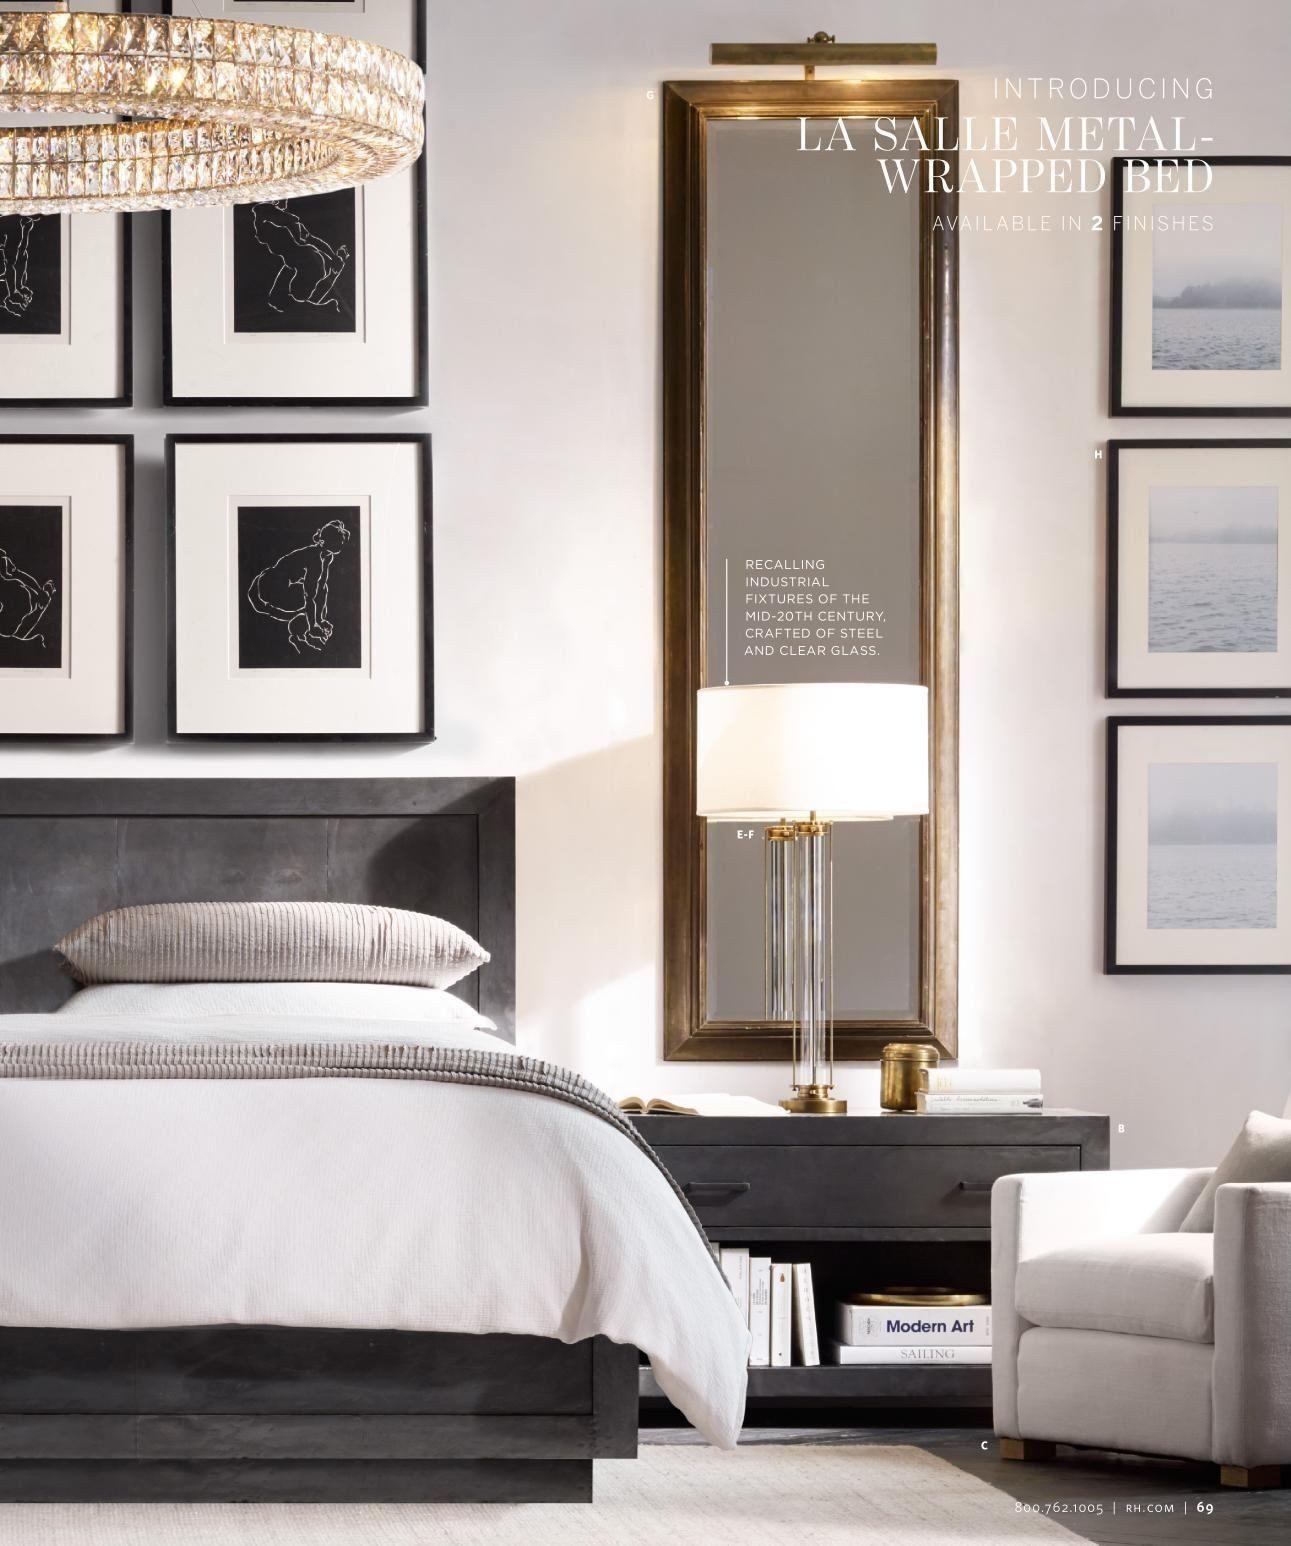 30 restoration hardware bedroom ideas  restoration